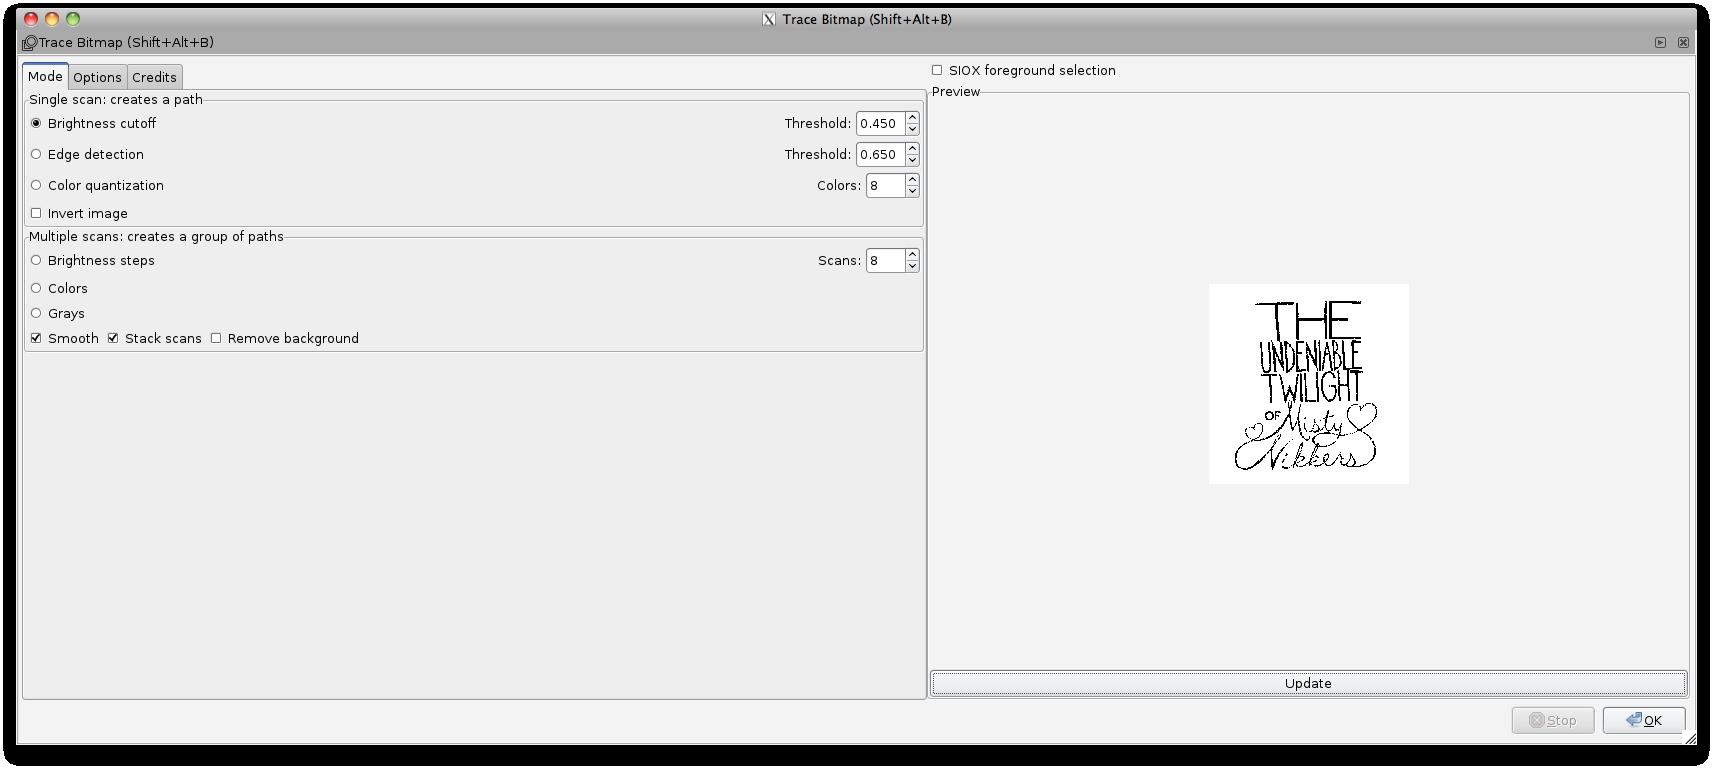 Adobe Illustrator Live Trace Vs  Inkscape Trace Bitmap – THE